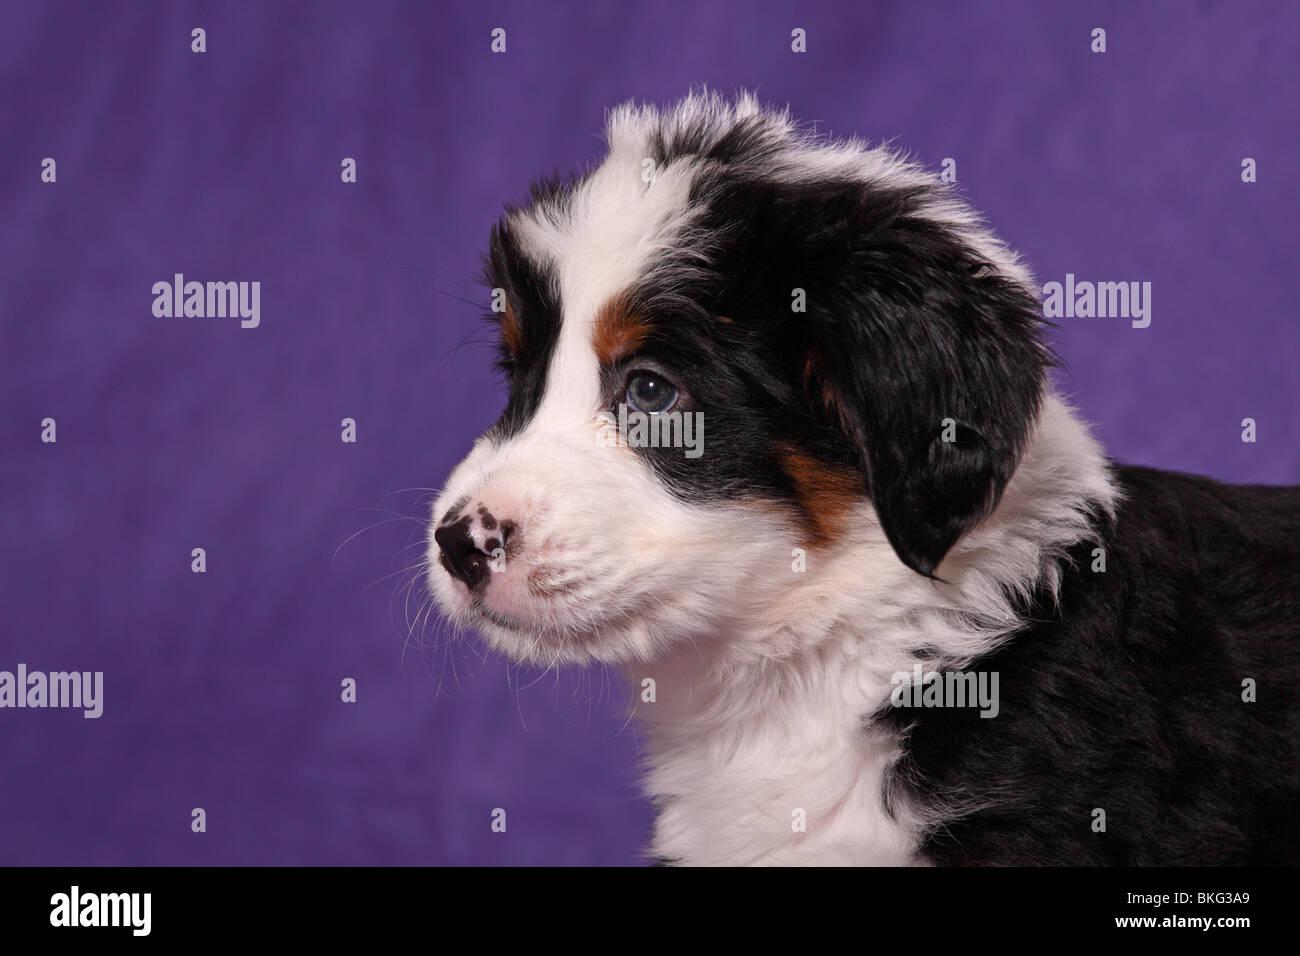 Großer Schweizer Sennenhund Welpe / Great Swiss Mountain Dog Puppy Stock Photo